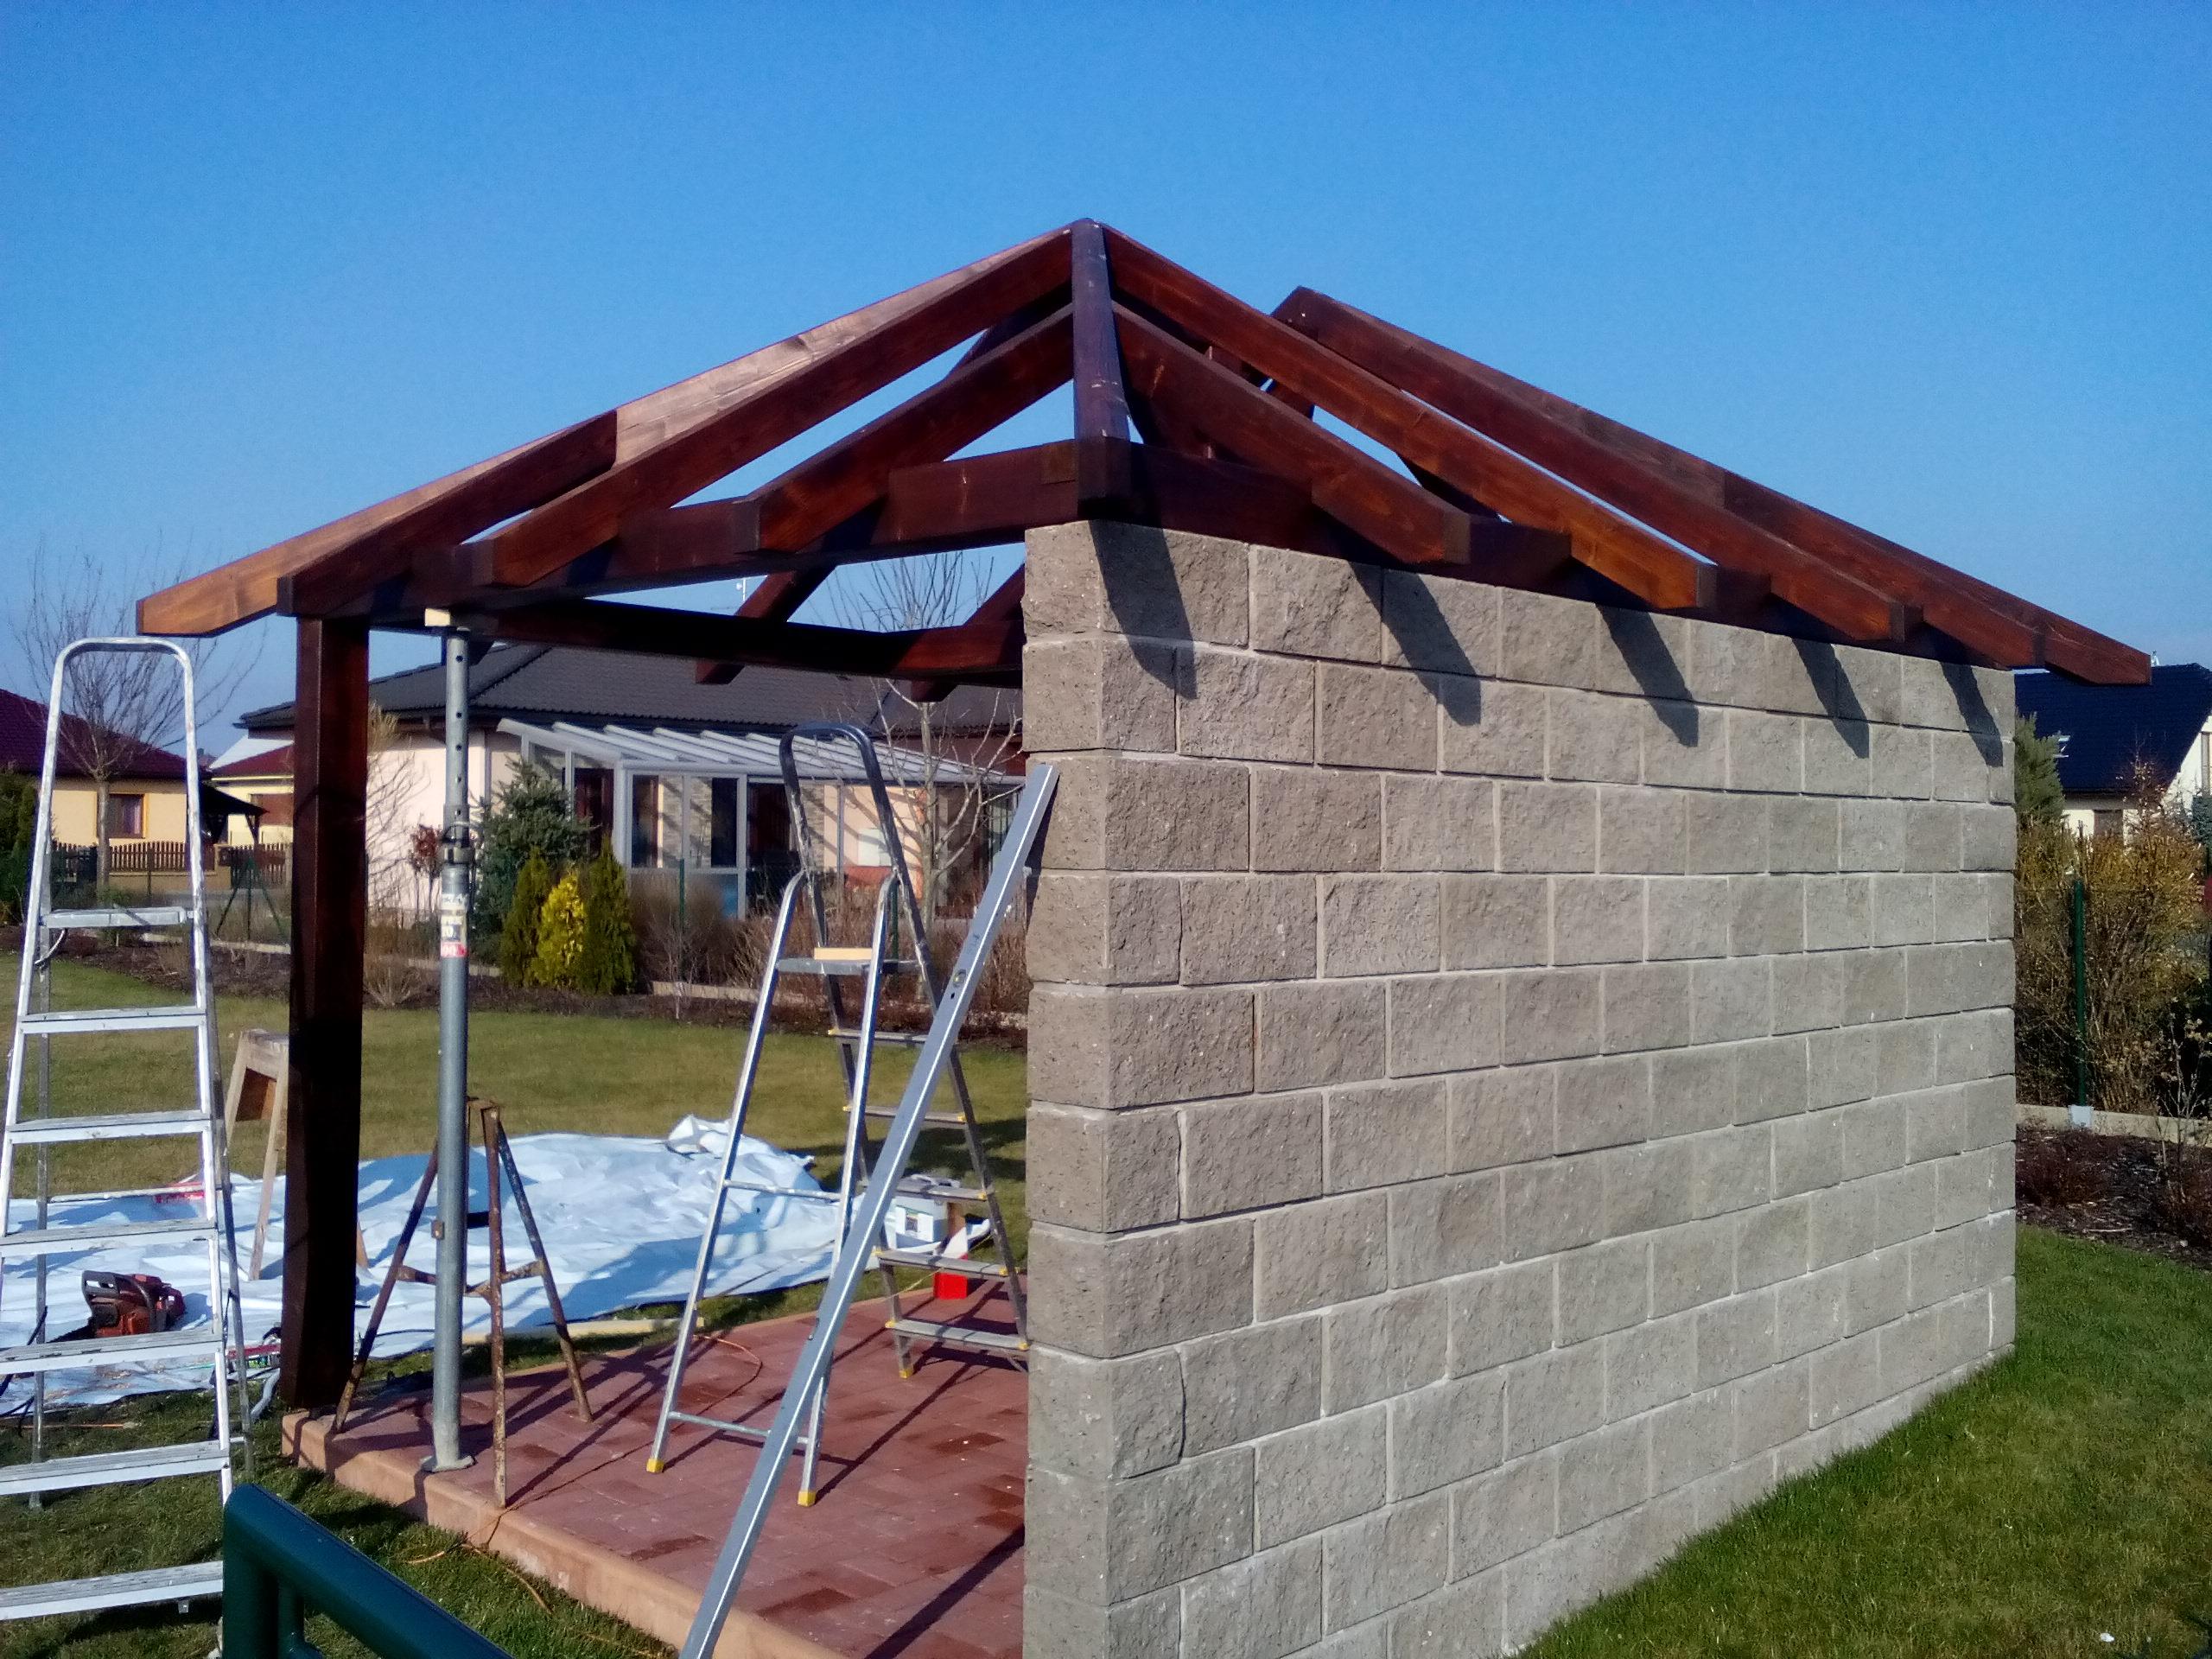 Zahradní domky, garáže a pergoly